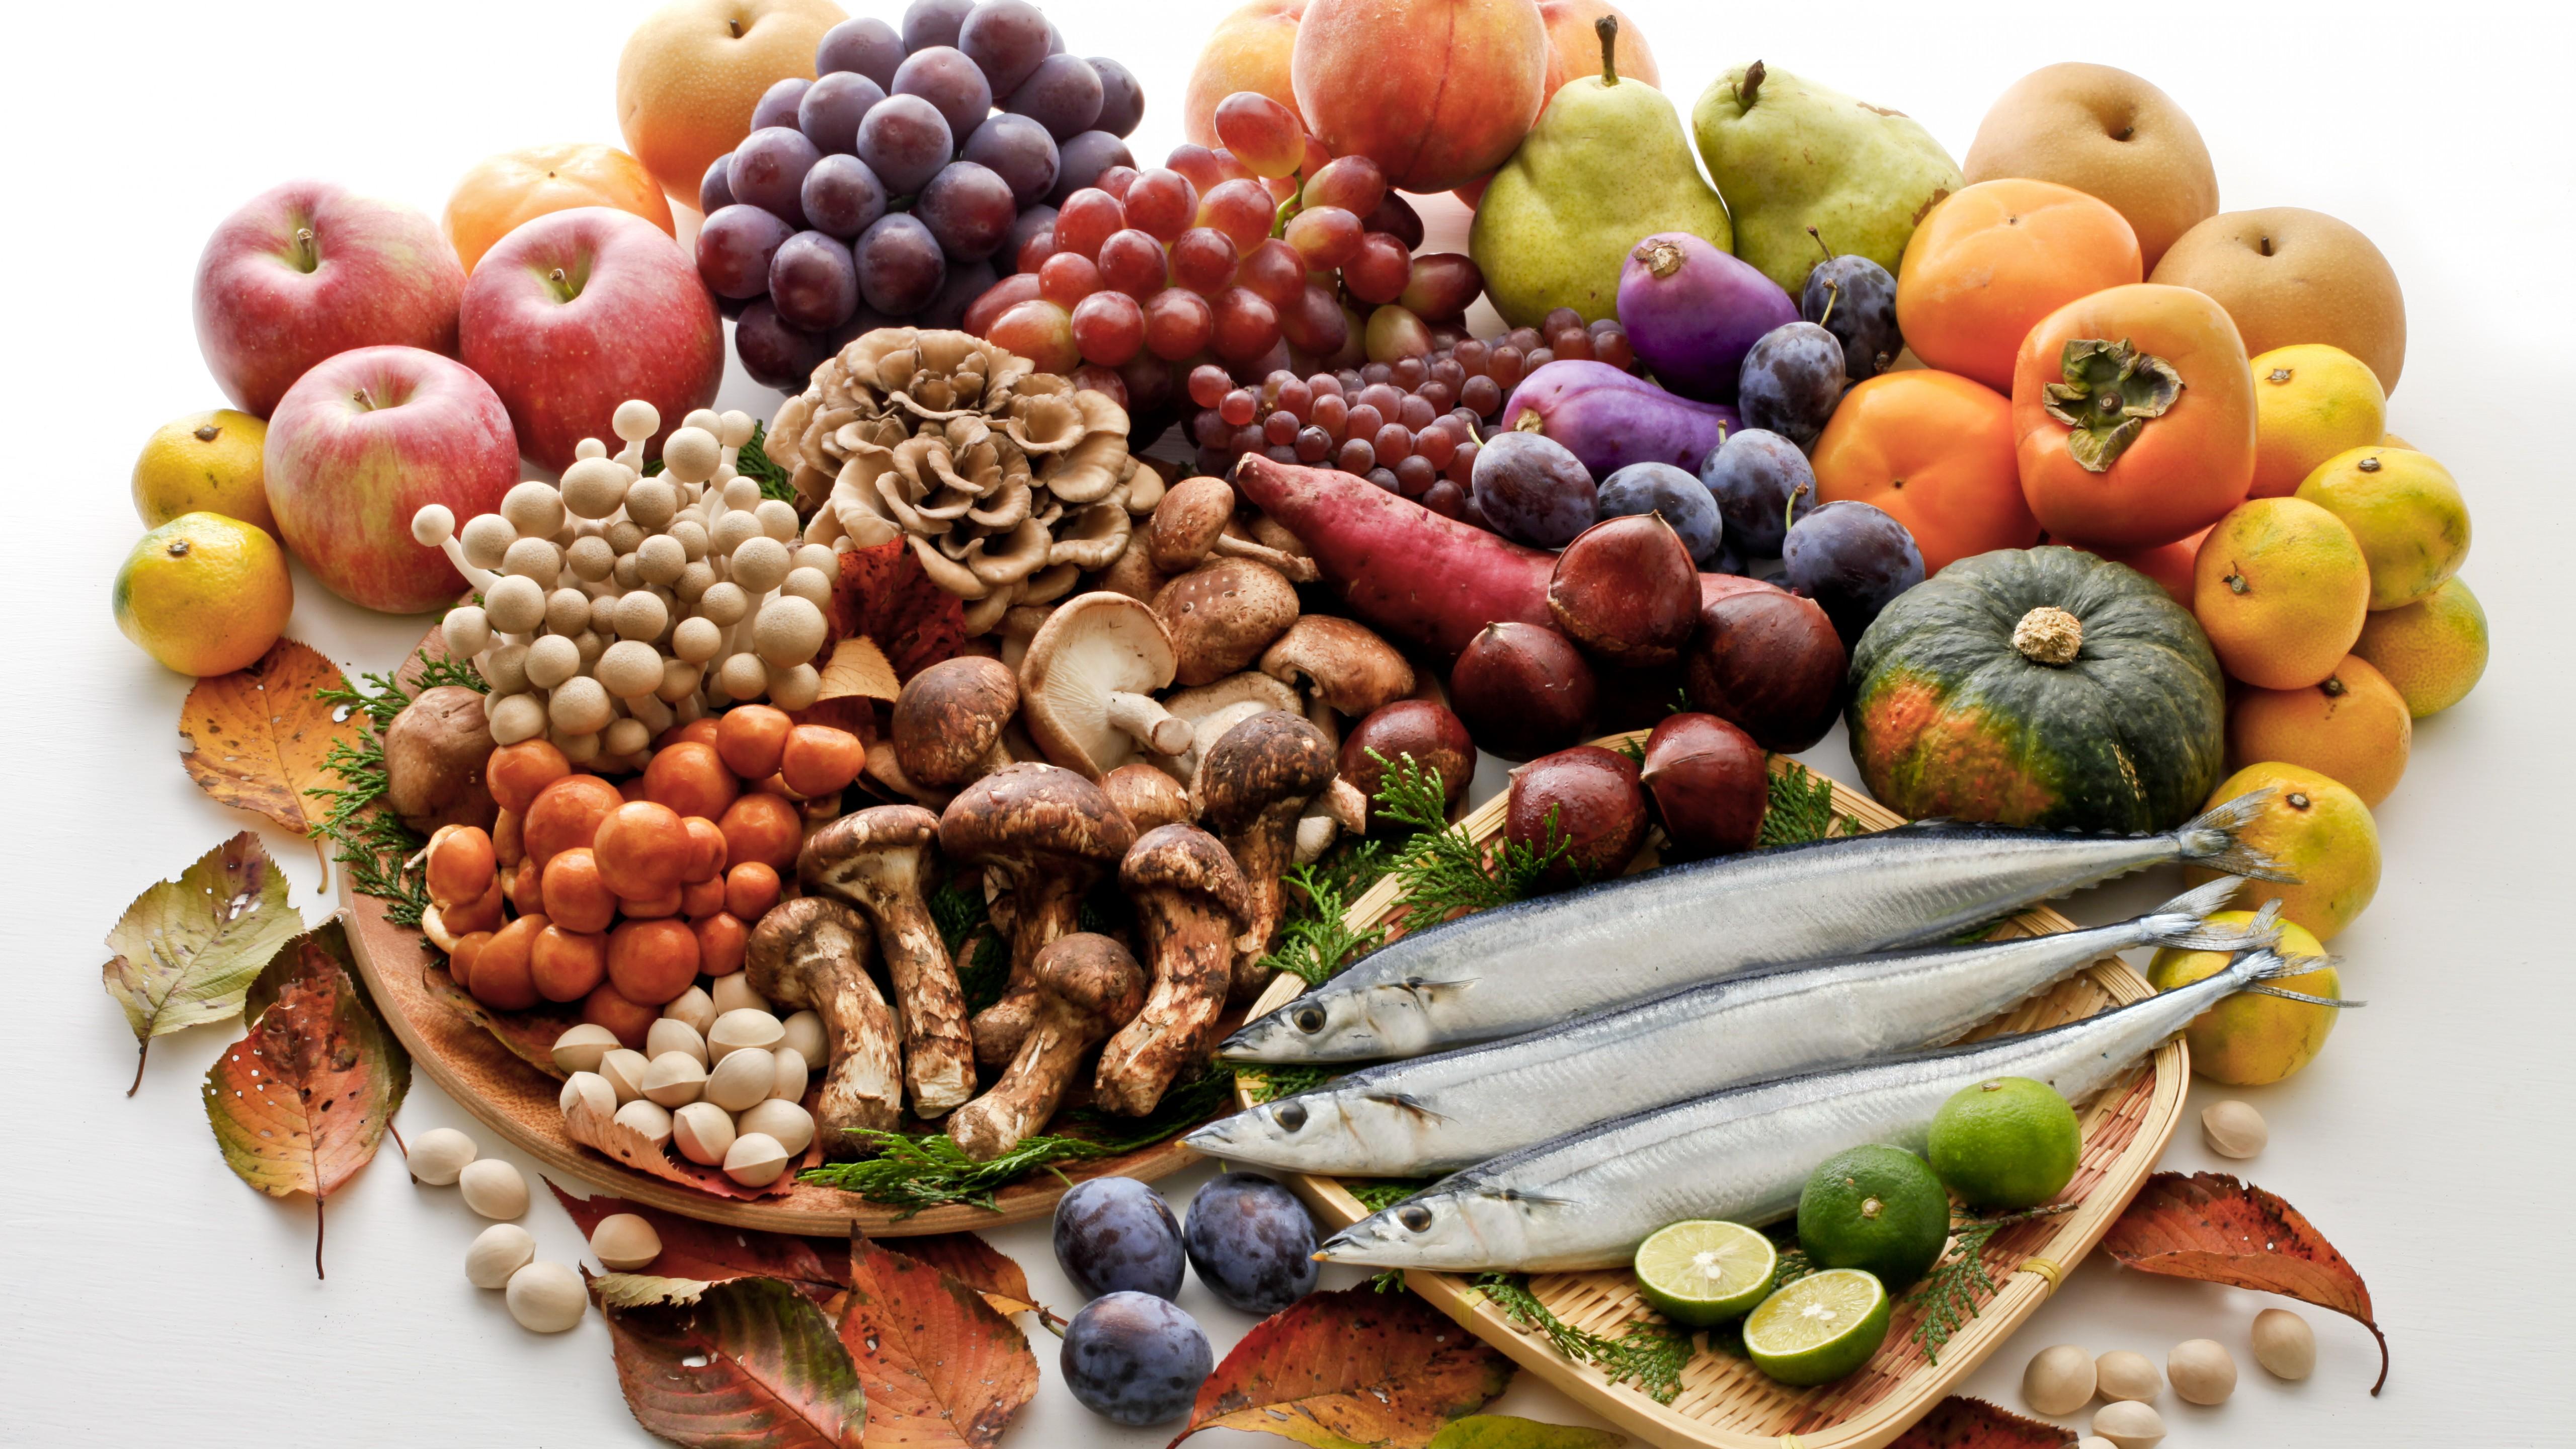 Обои Грибы, фрукты, овощи. Праздники foto 9